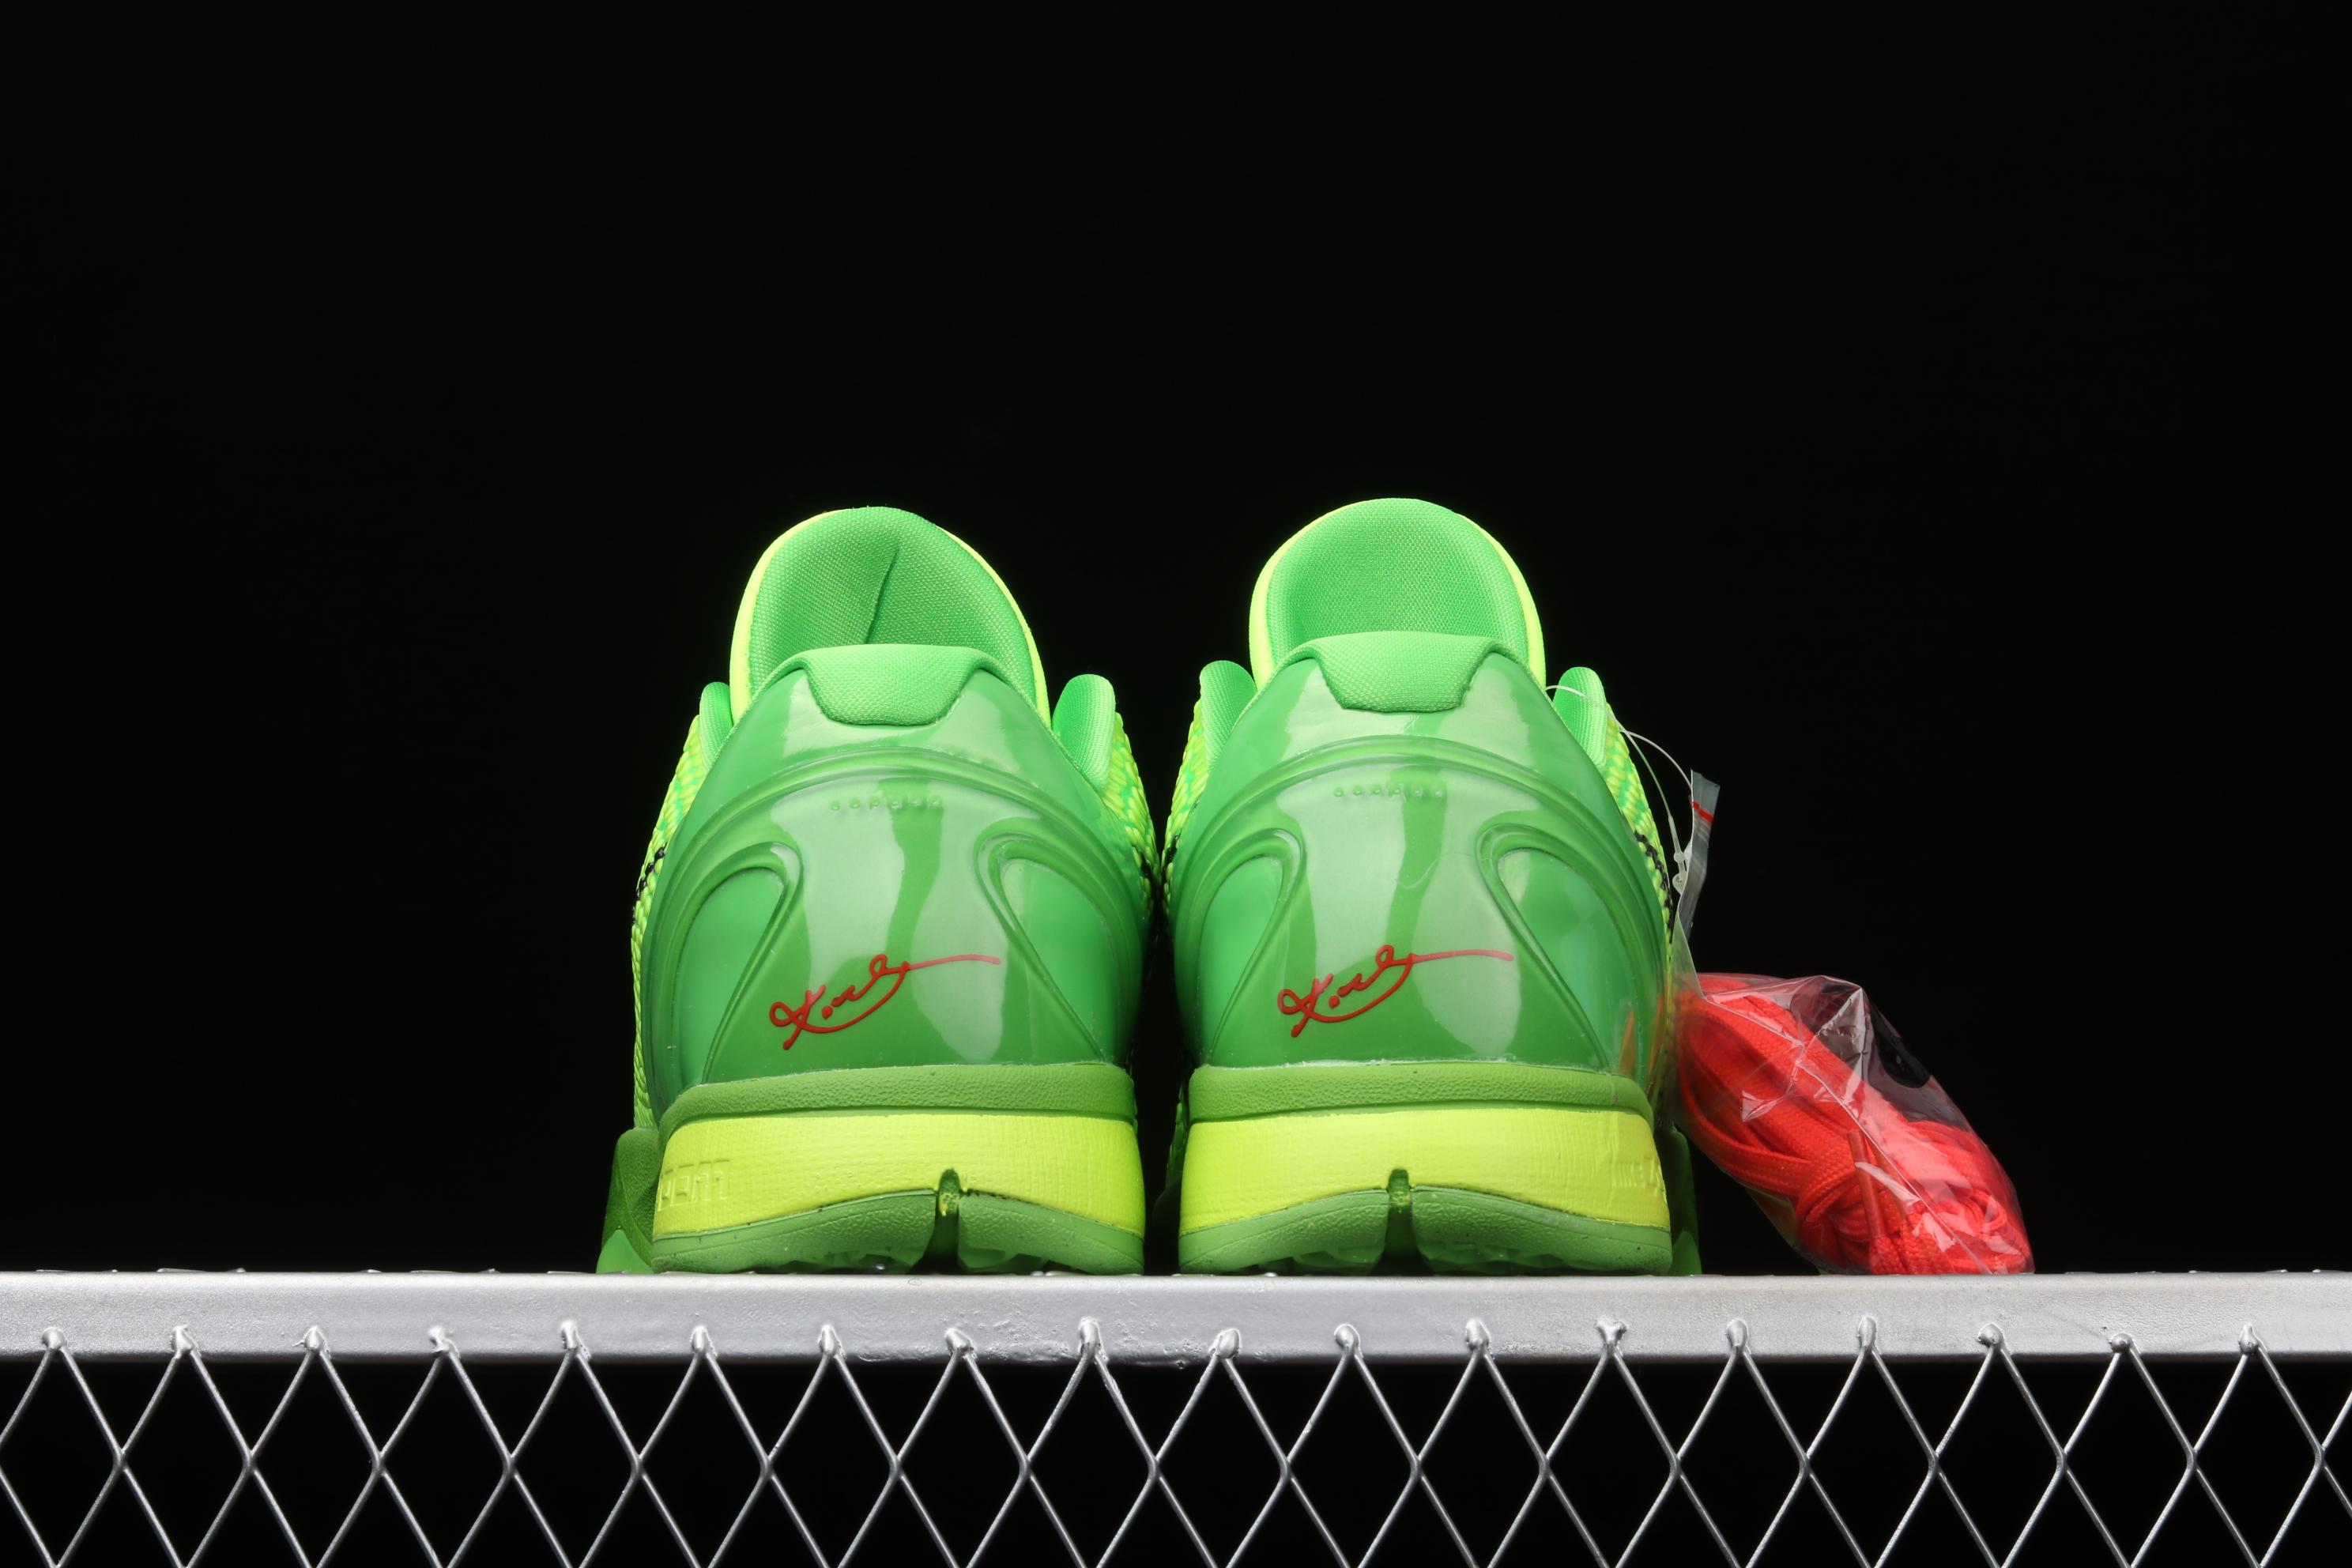 纯原版本 Nk Kobe VI Protro 6 科比6代 青蜂侠 男子实战篮球鞋 CW2190-300